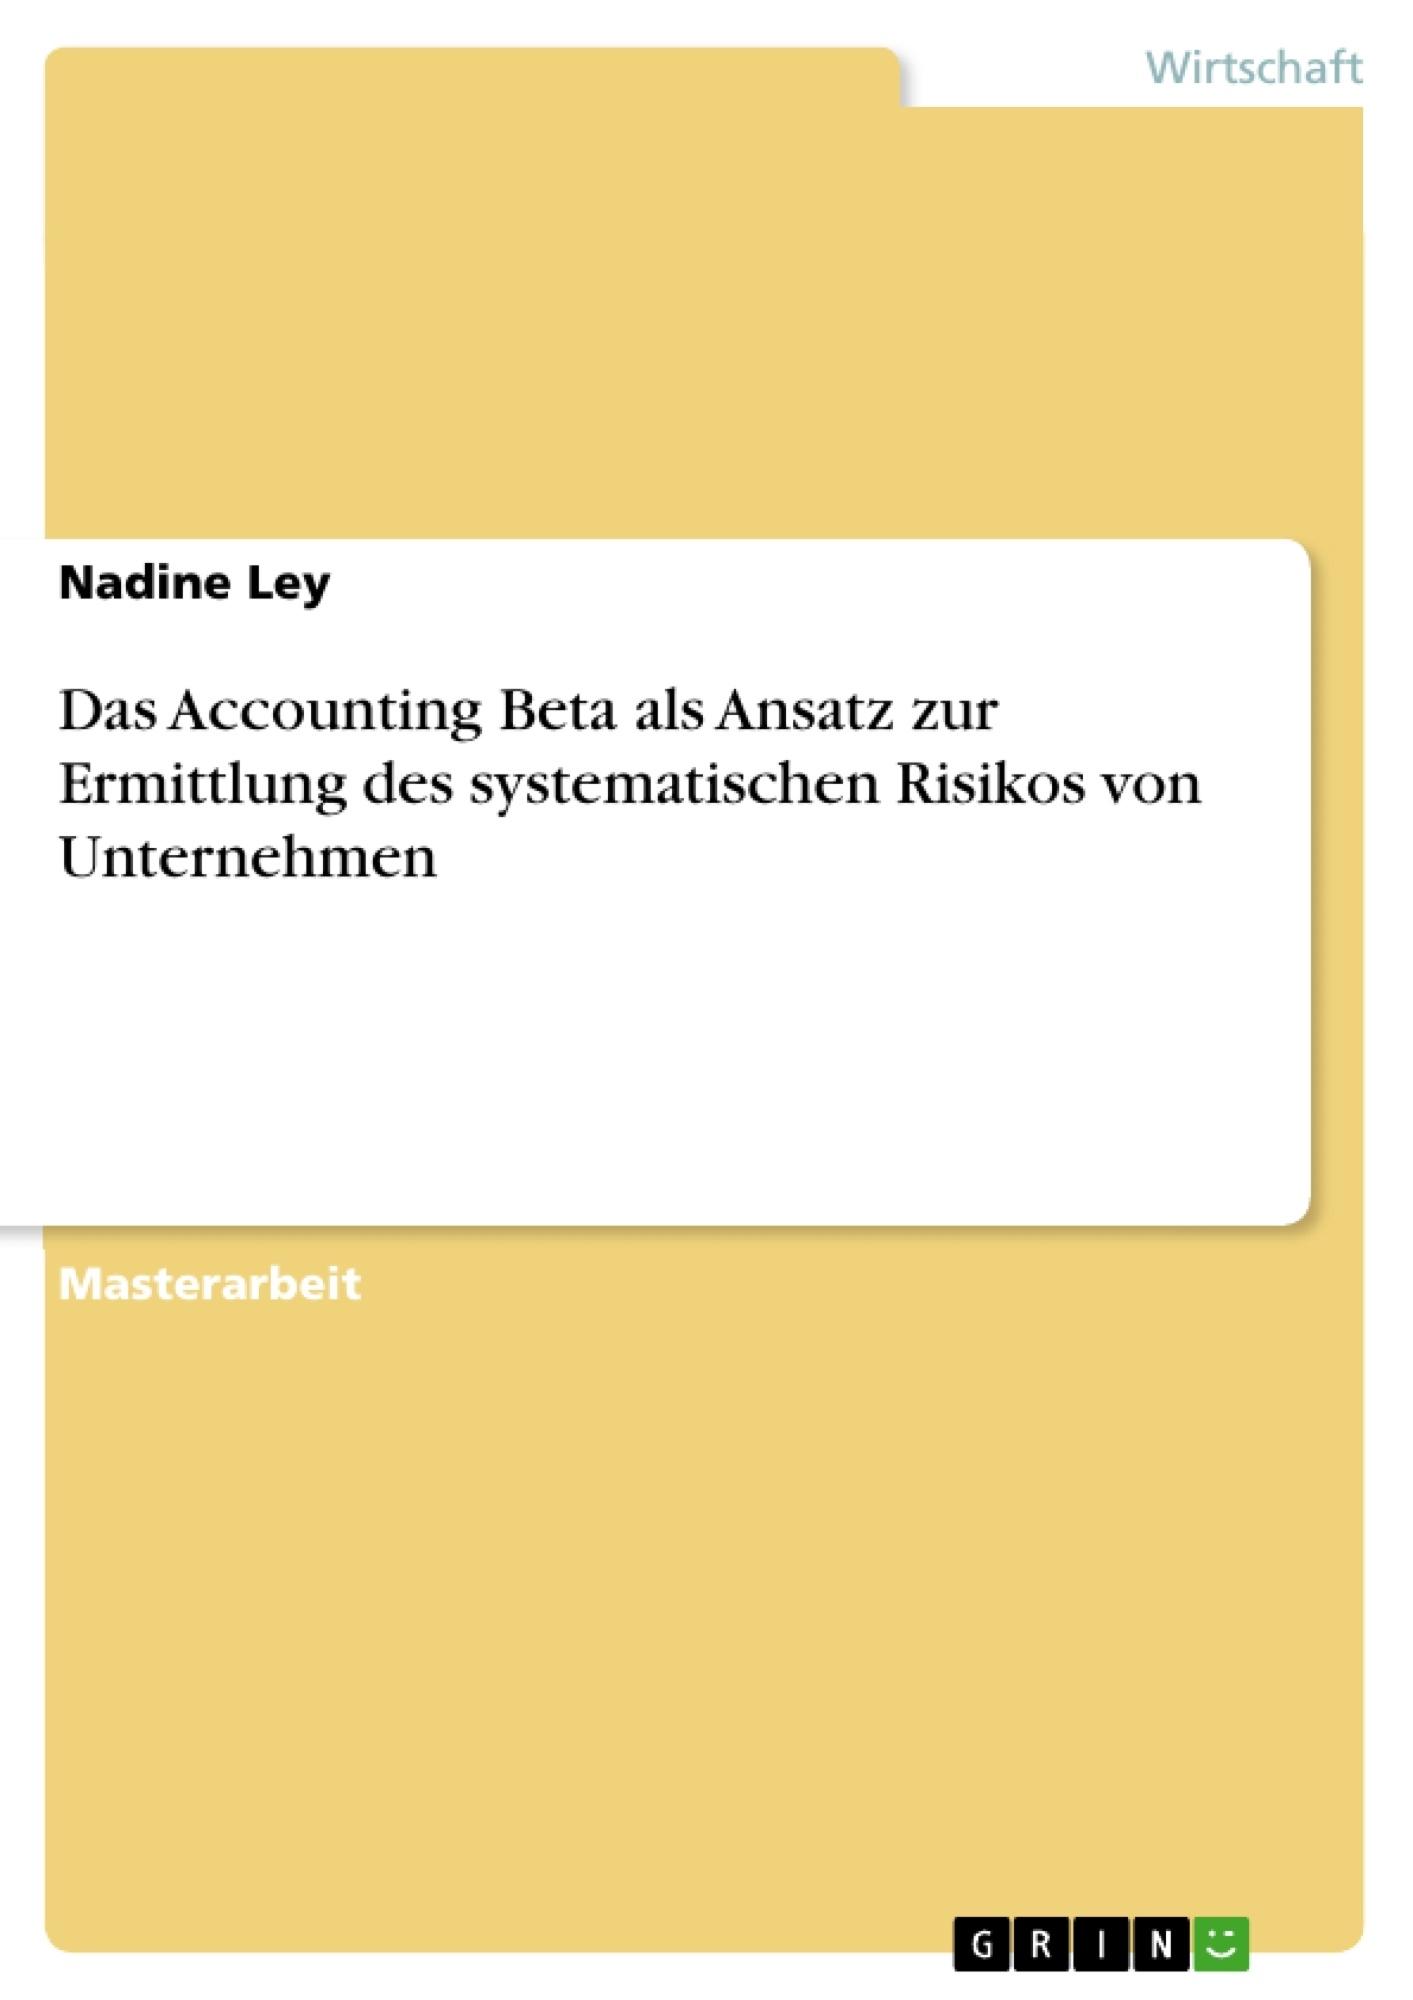 Titel: Das Accounting Beta als Ansatz zur Ermittlung des systematischen Risikos von Unternehmen